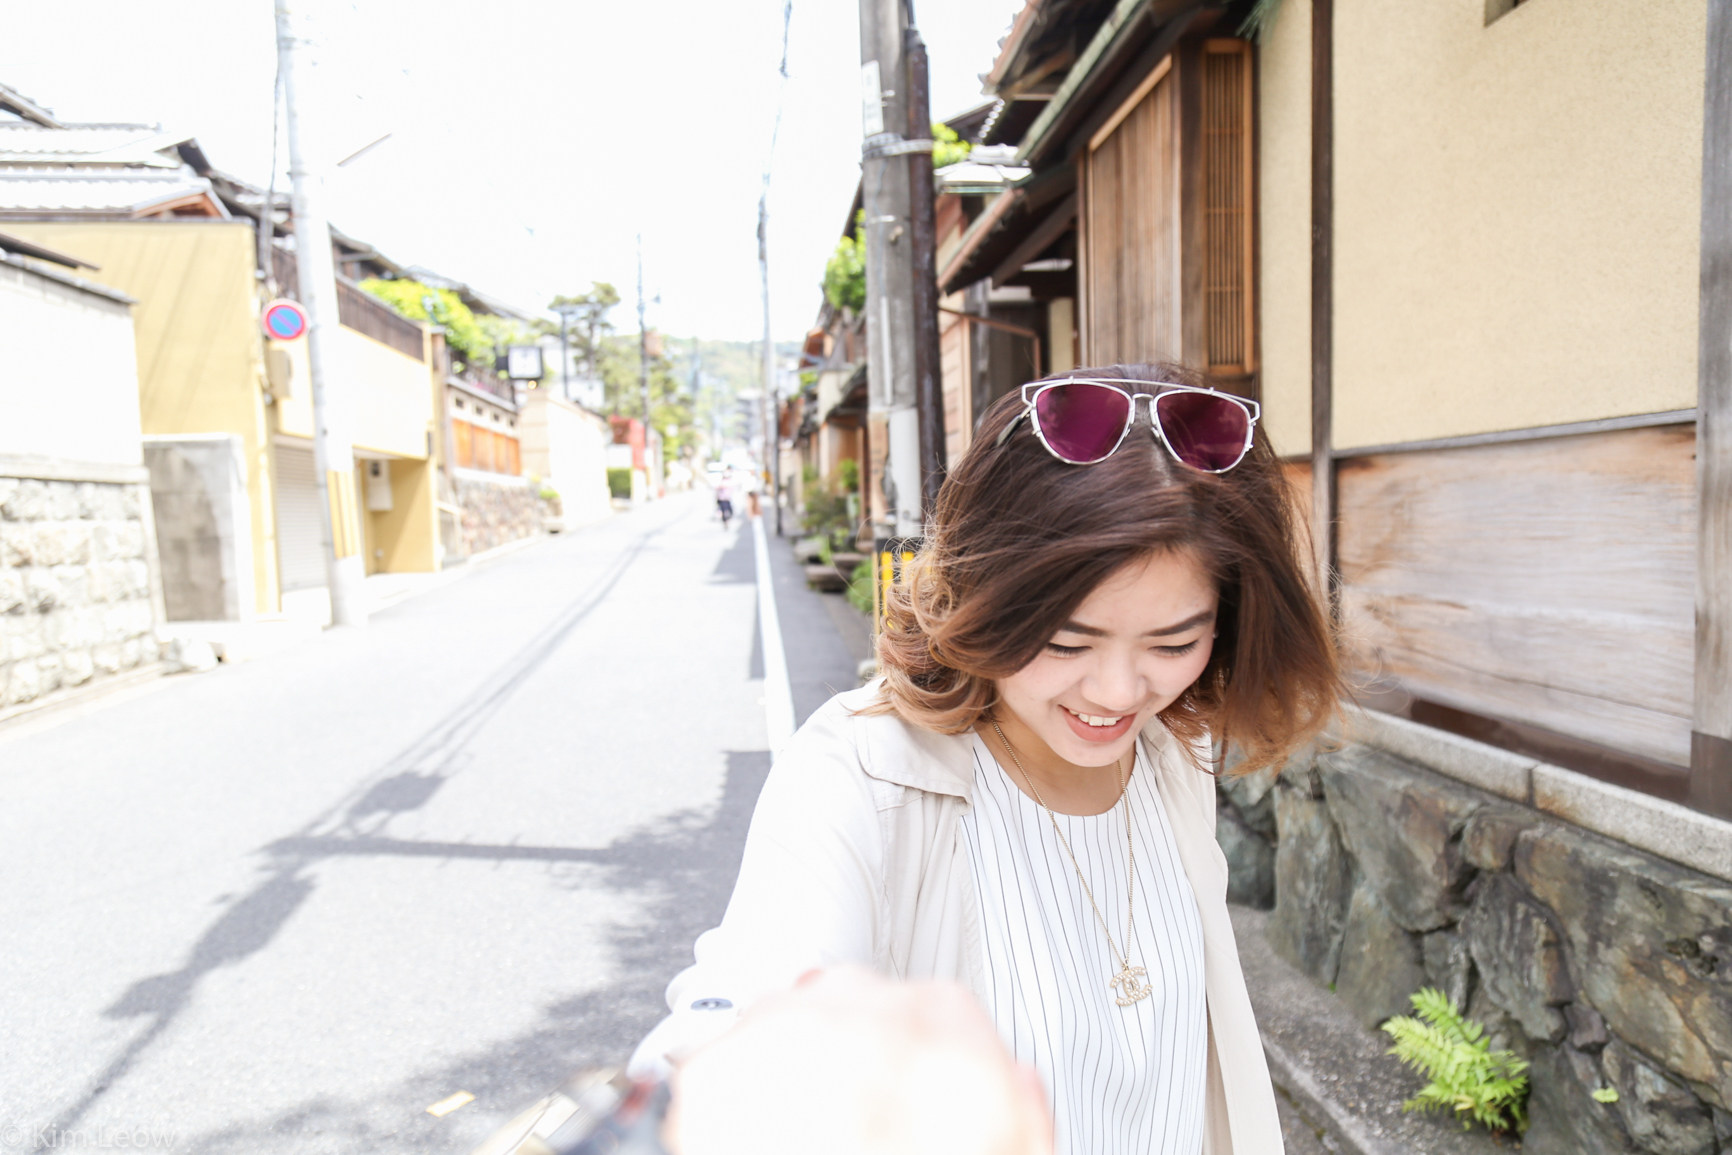 kimleow_cherryblossom_kyoto_travel-11.jpg